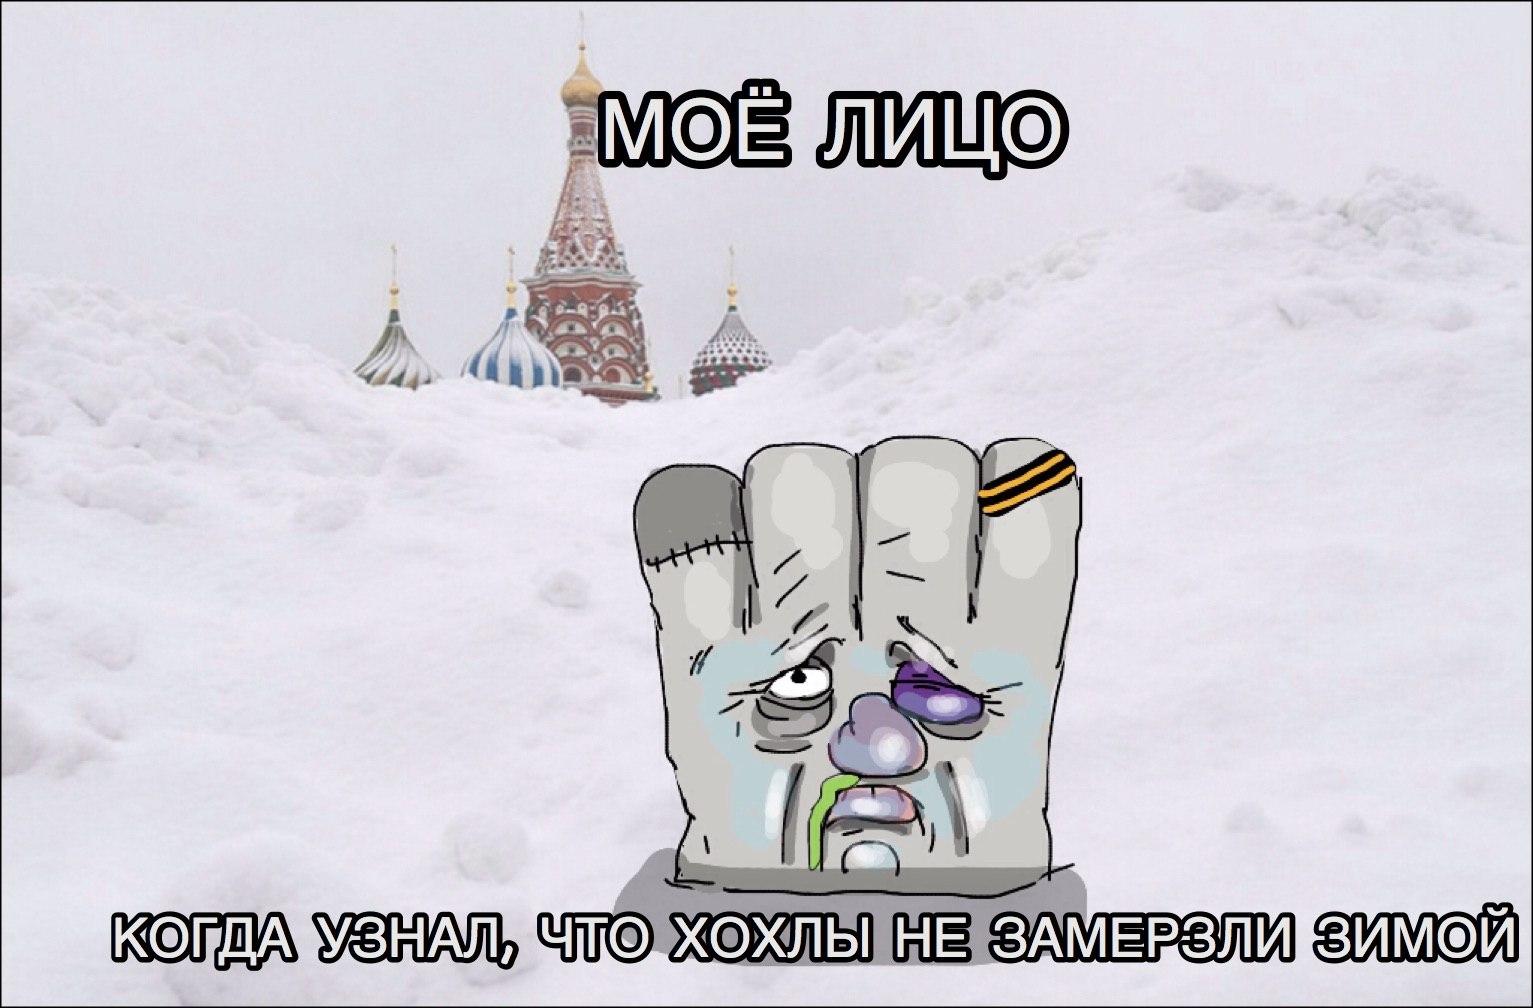 Севастополь остался без отопления из-за дефицита электроэнергии - Цензор.НЕТ 359